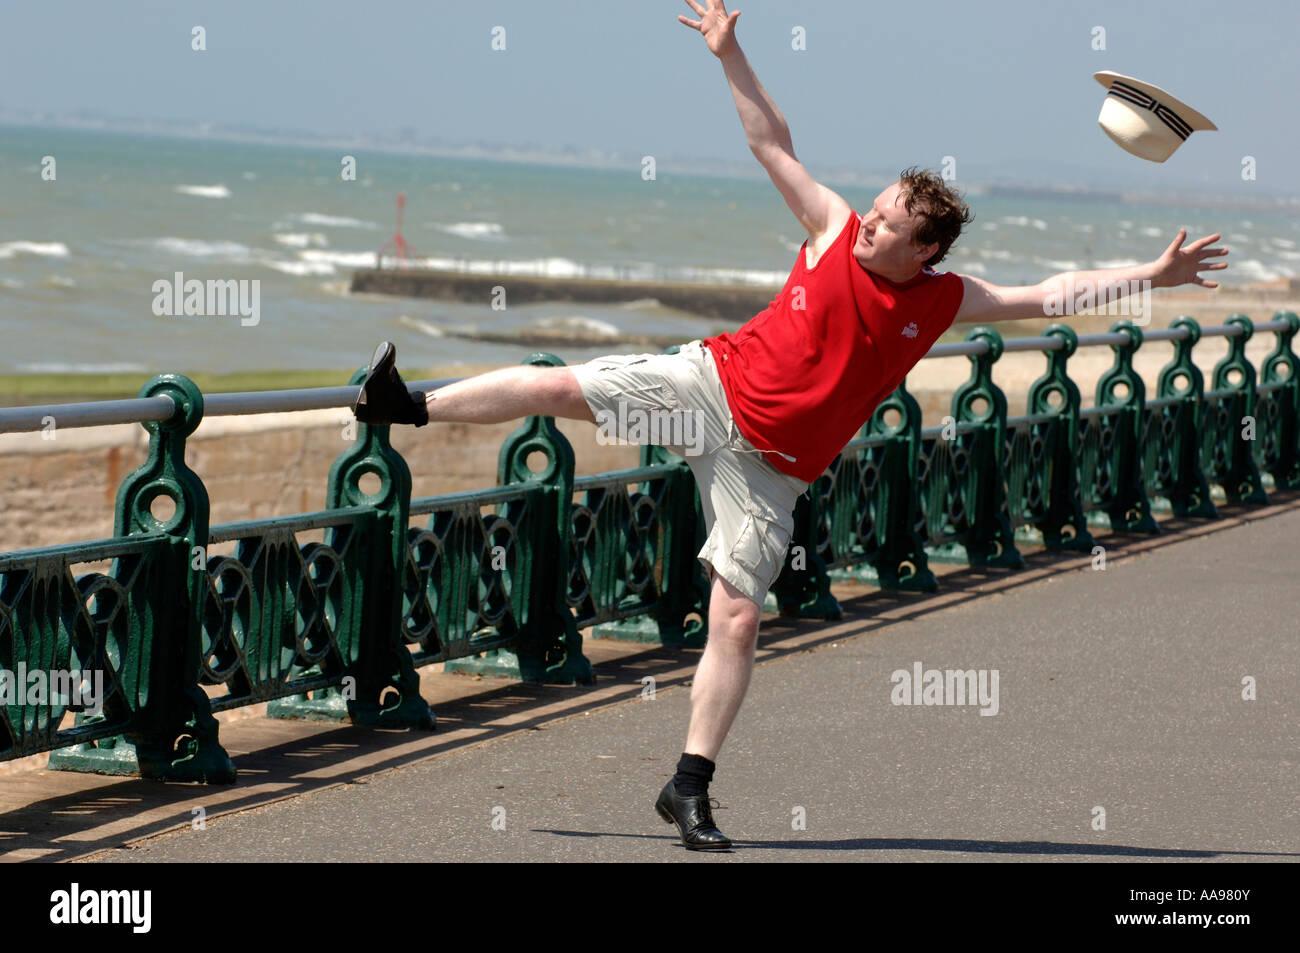 Ein übergewichtiger Mann mittleren Alters dabei ungeschickt hoch treten Tanzprogramm auf Brighton Seafront, Stockbild